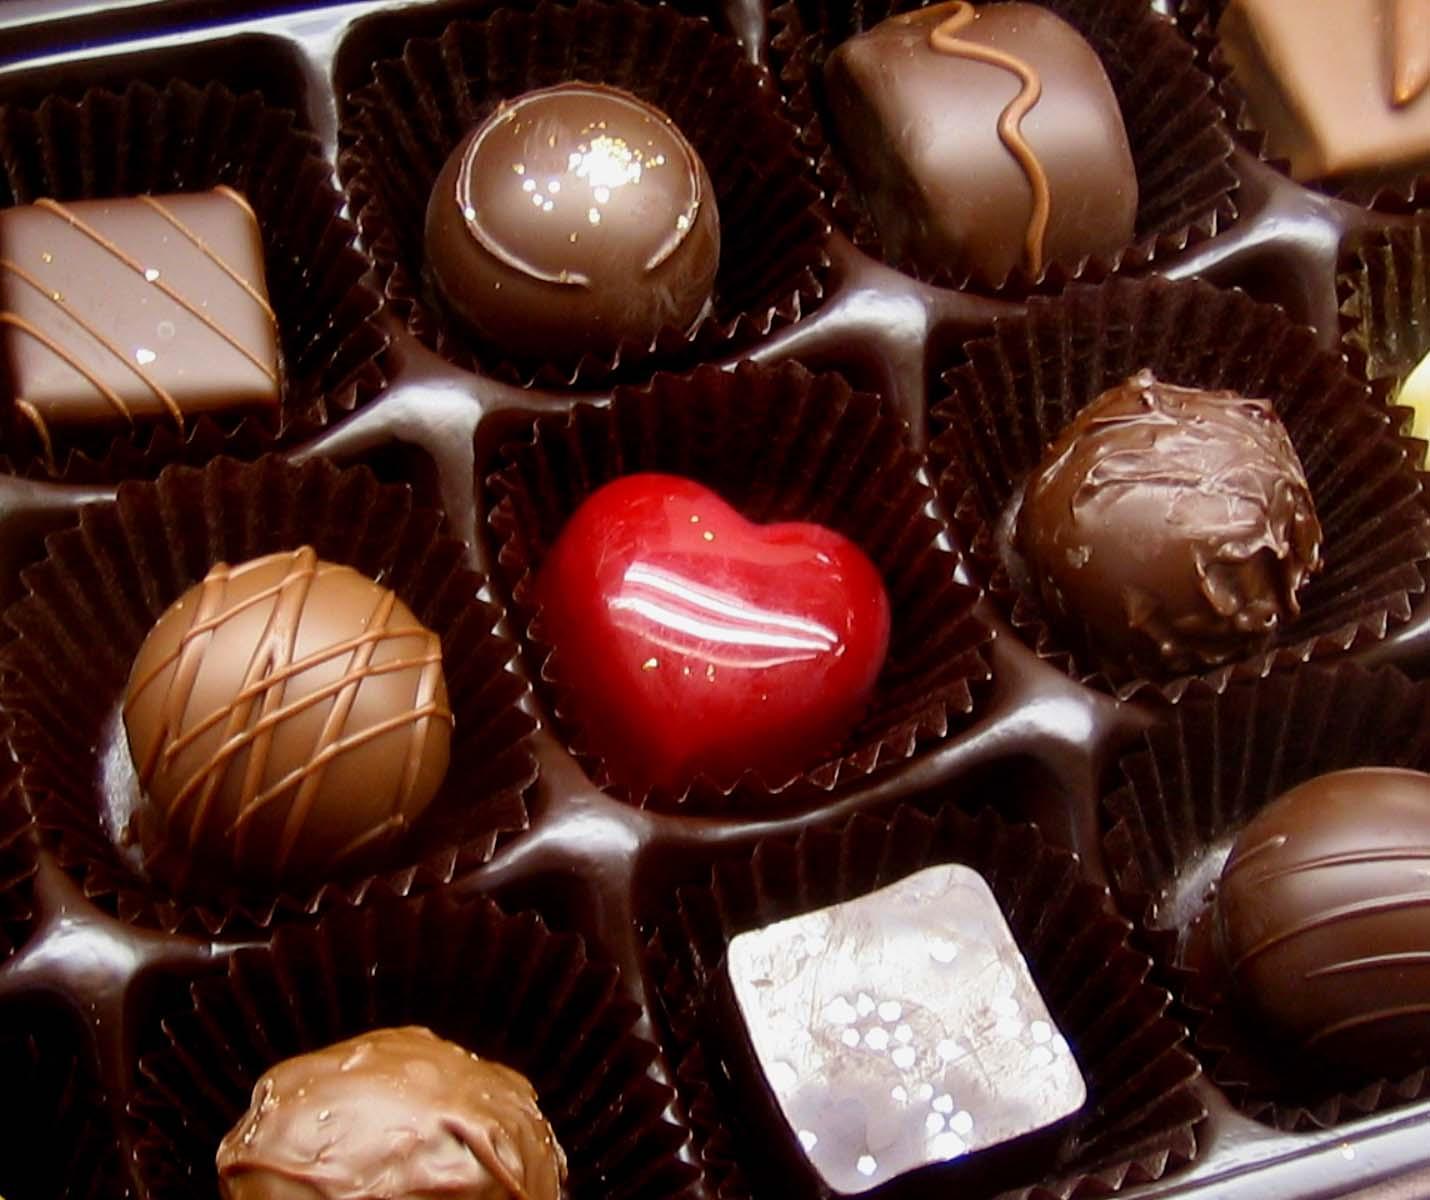 今年のバレンタインデーはもう決まった?人気チョコをチェック!のサムネイル画像